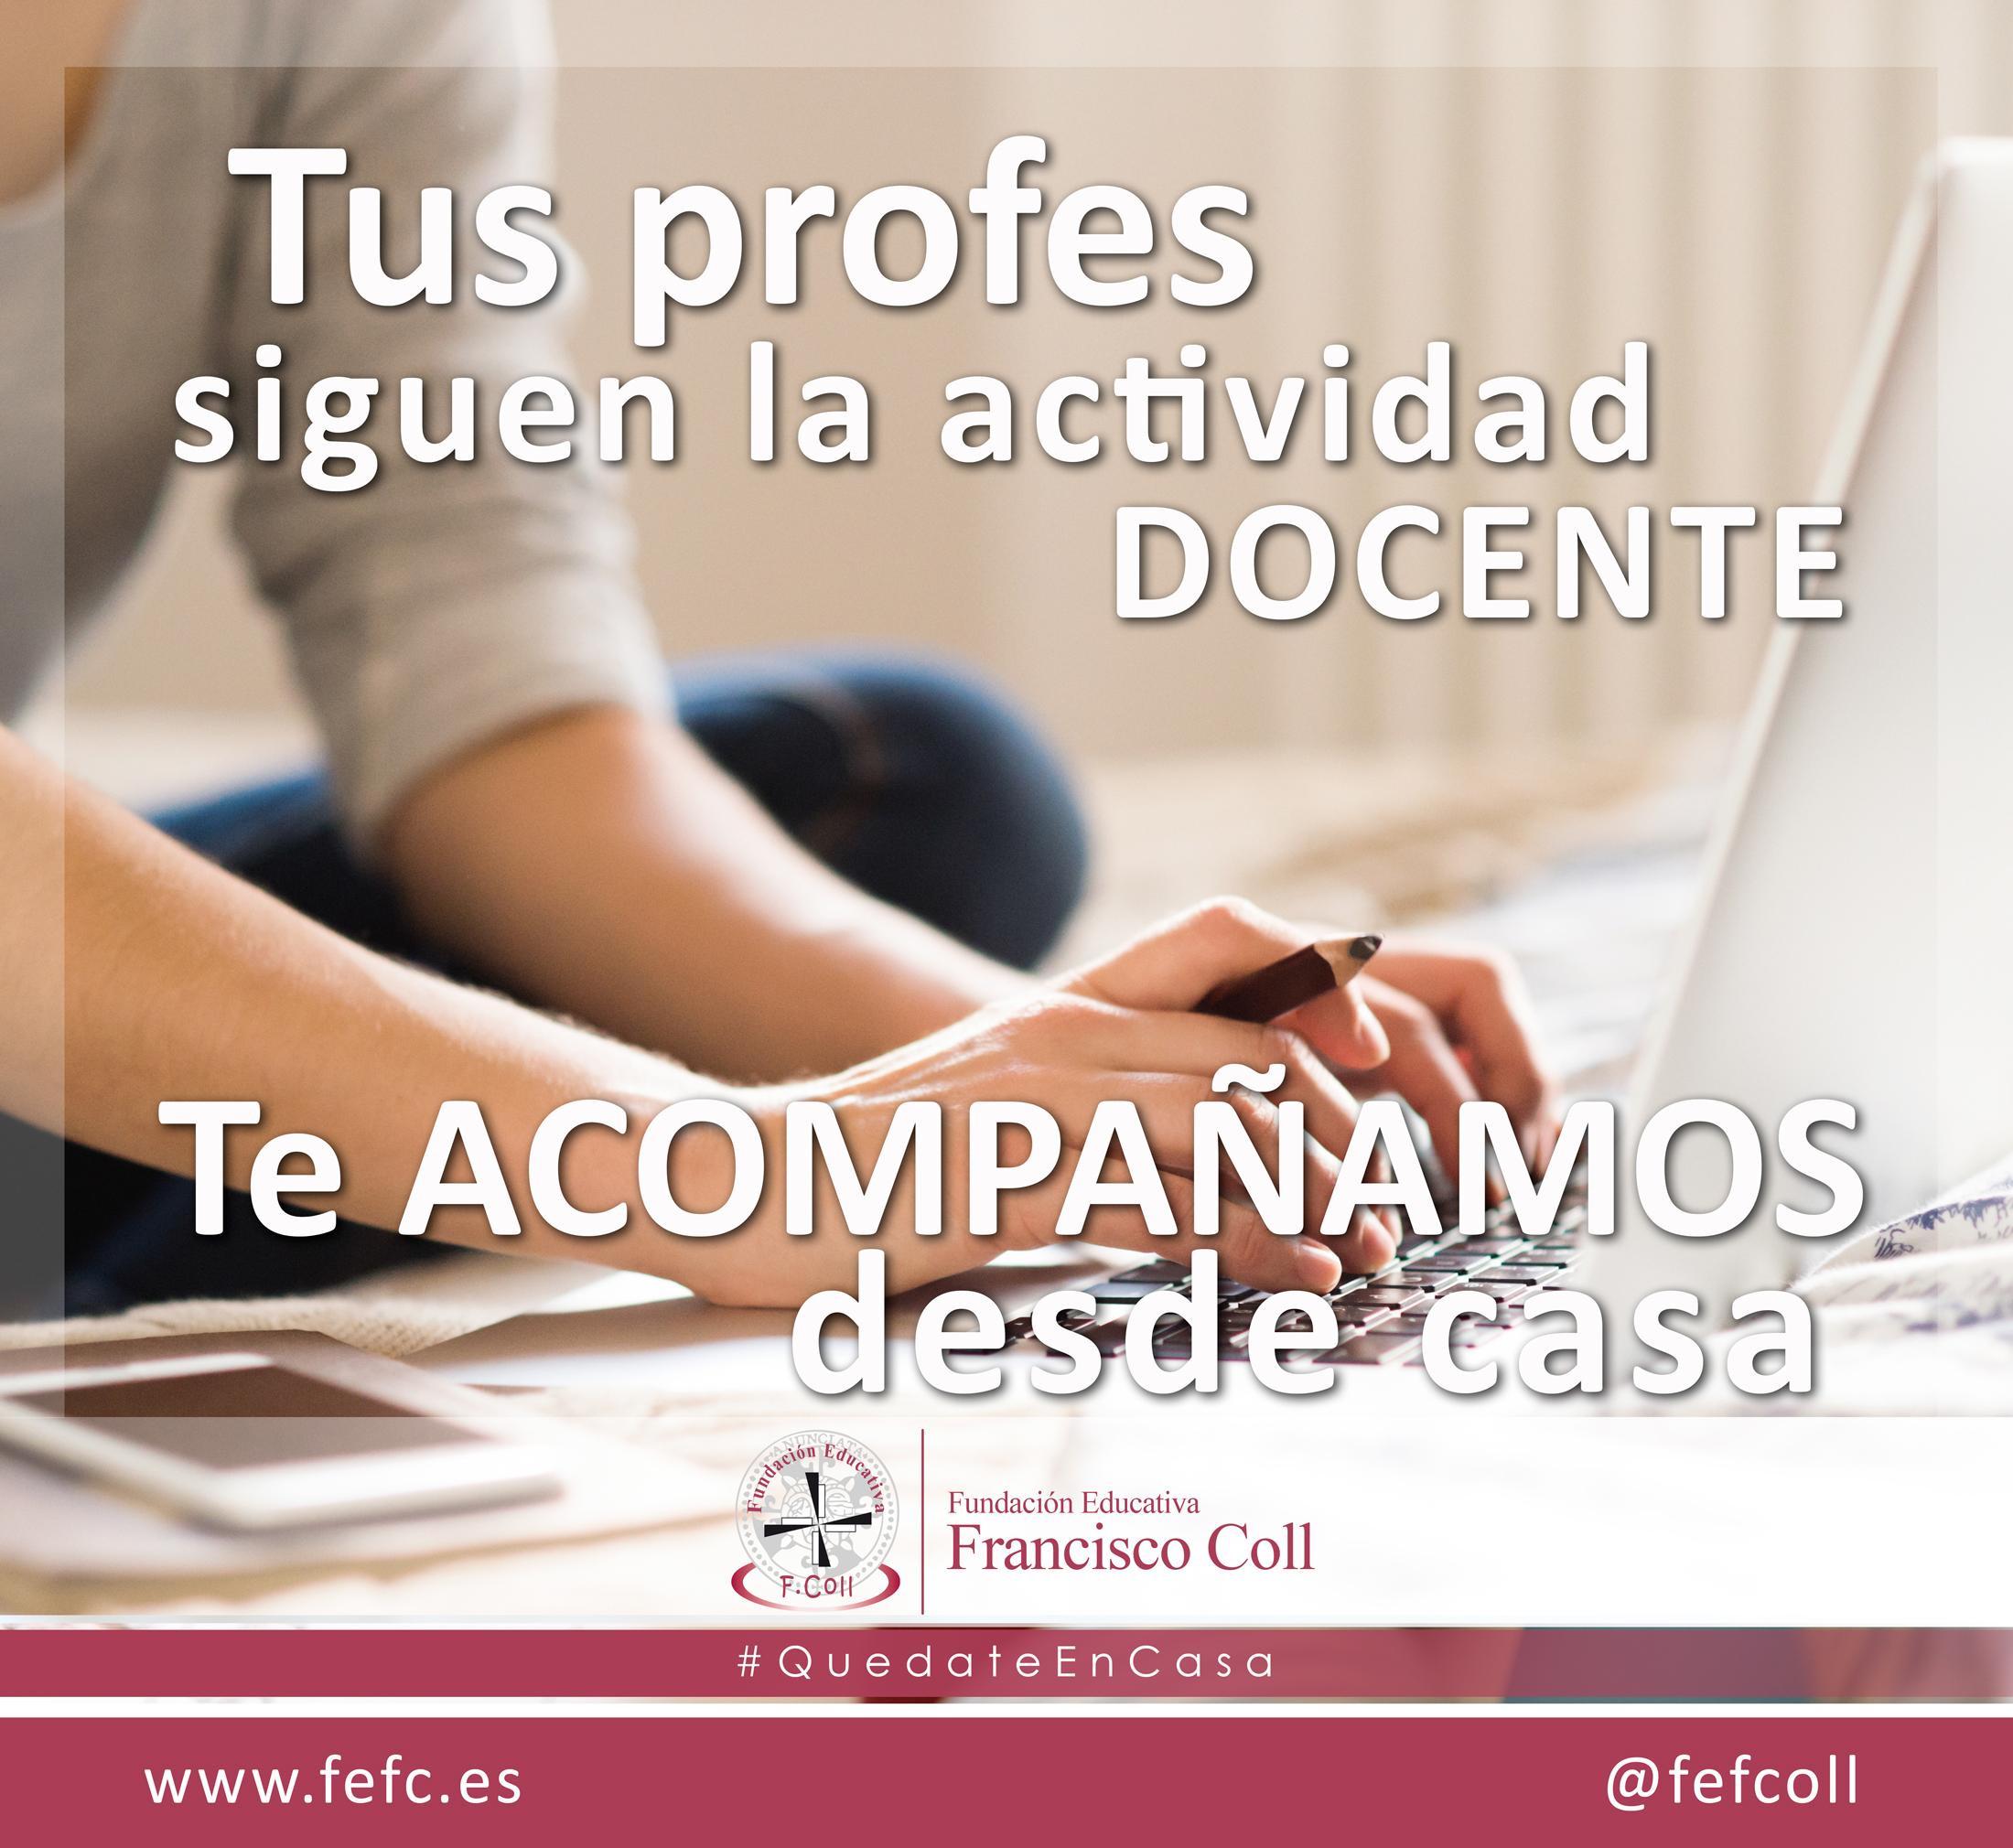 quedateencasa_fefc_0301_200317